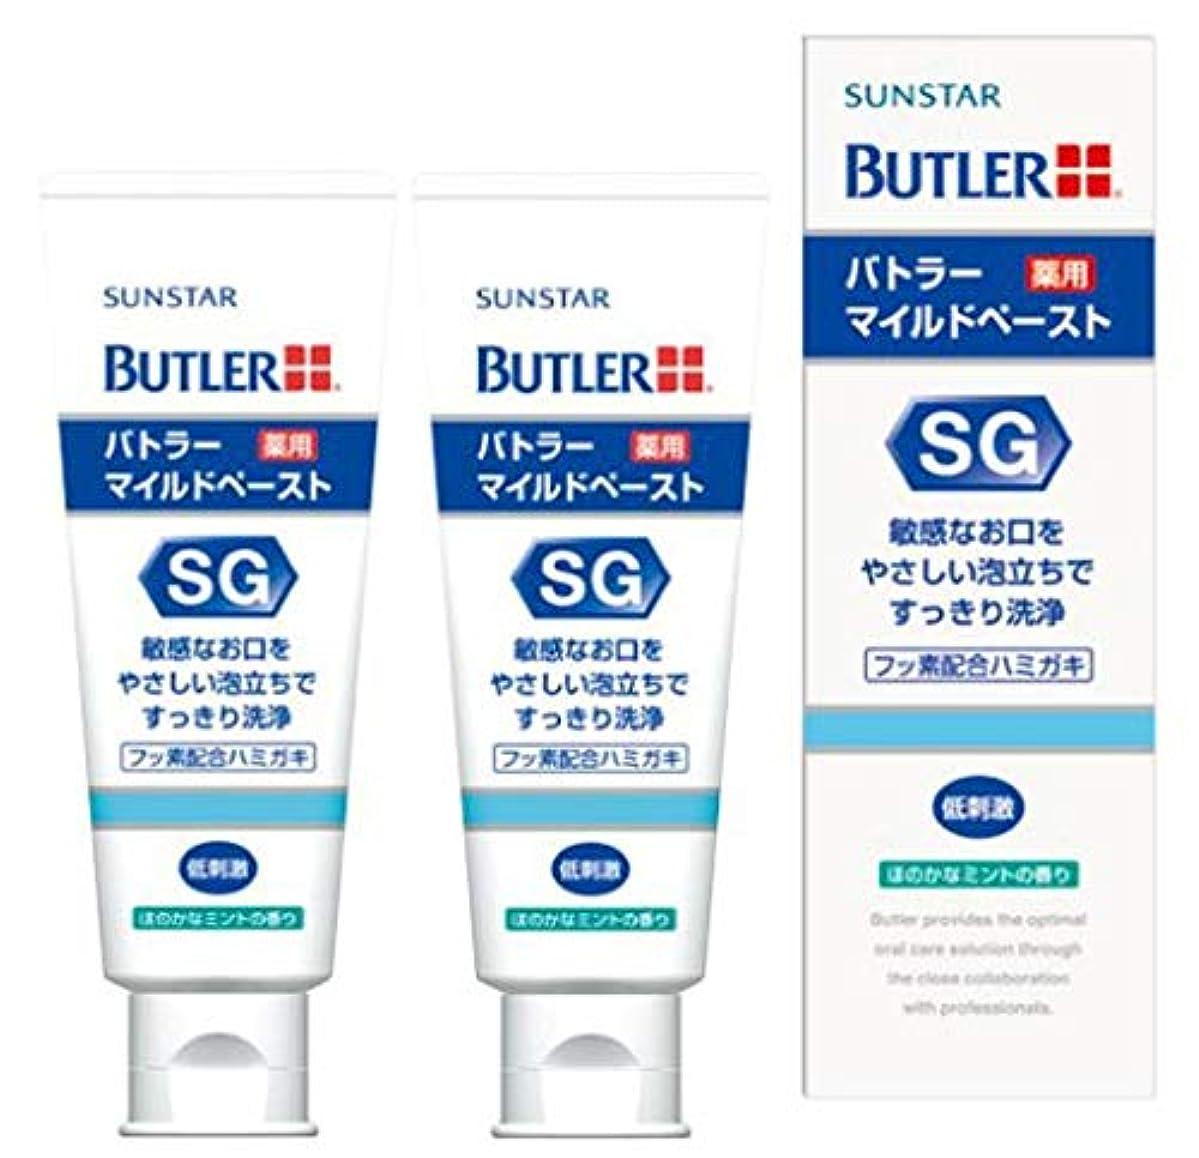 拒絶する主婦脆いサンスター(SUNSTAR) バトラー(BUTLER) マイルドペースト 70g × 2本 医薬部外品